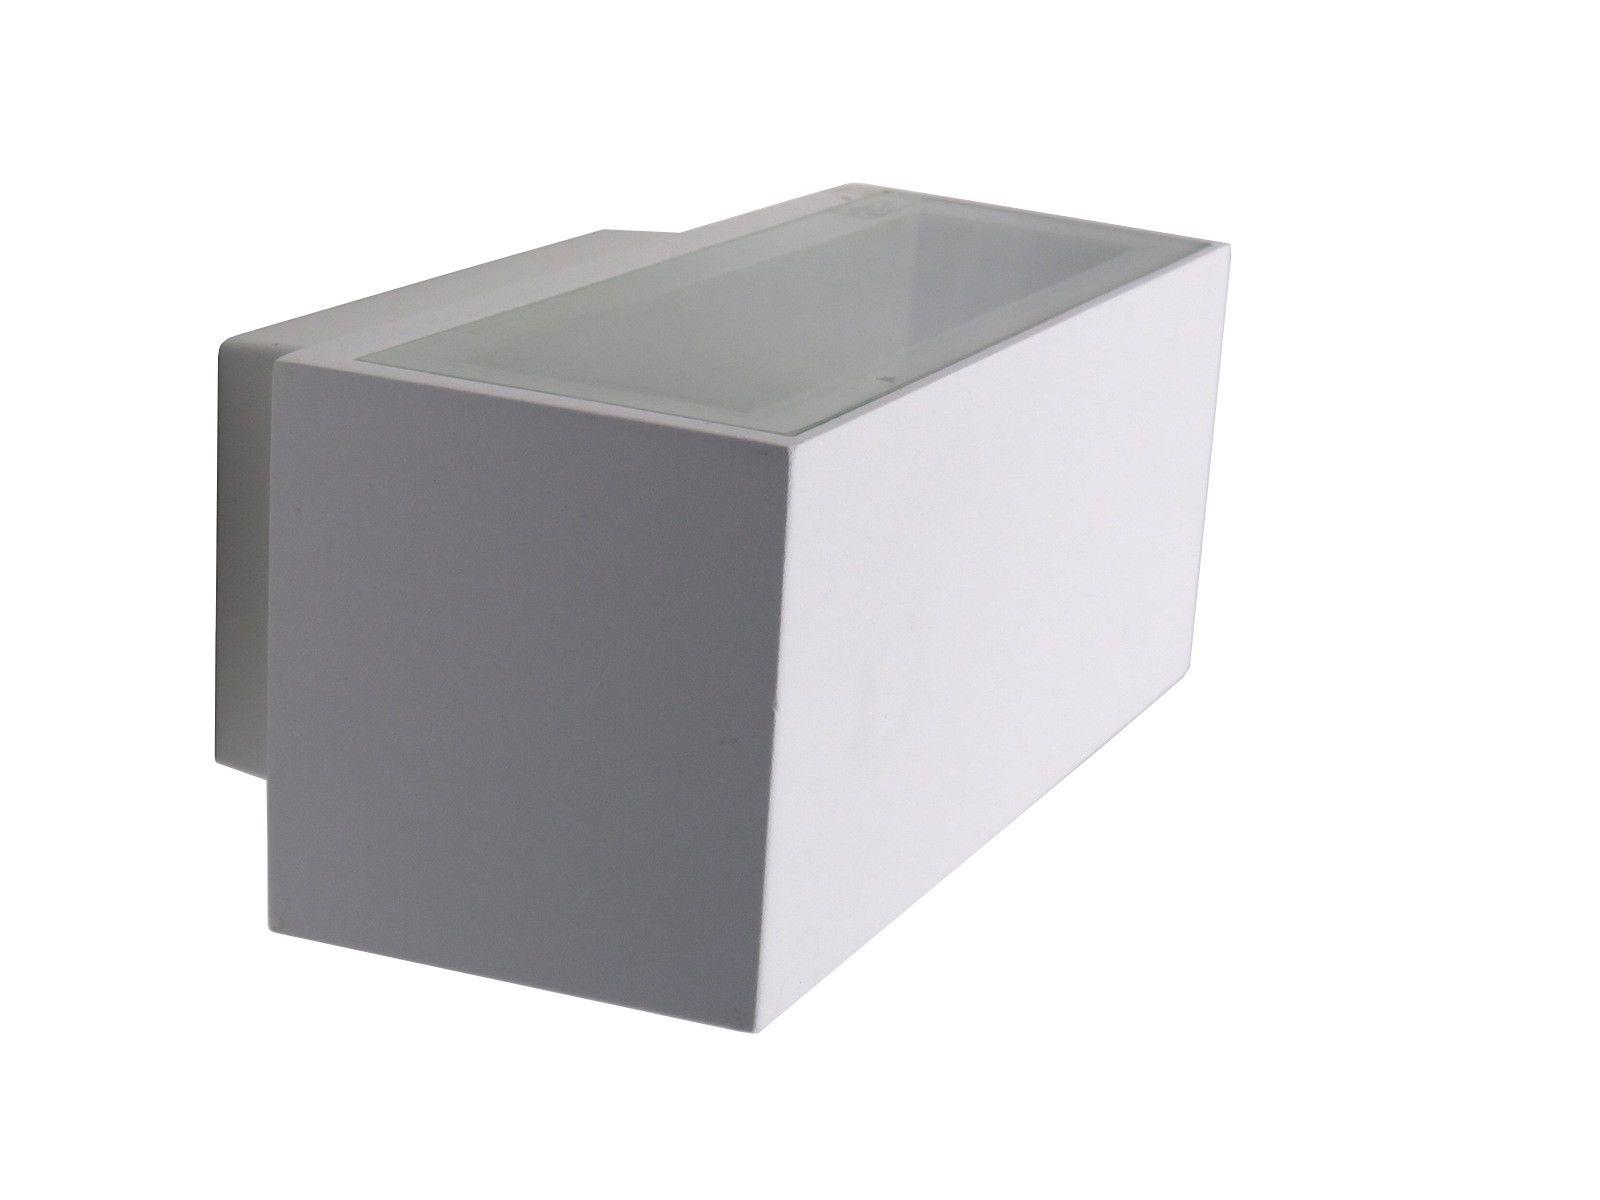 Lampada da parete rettangolare da esterno in alluminio verniciato